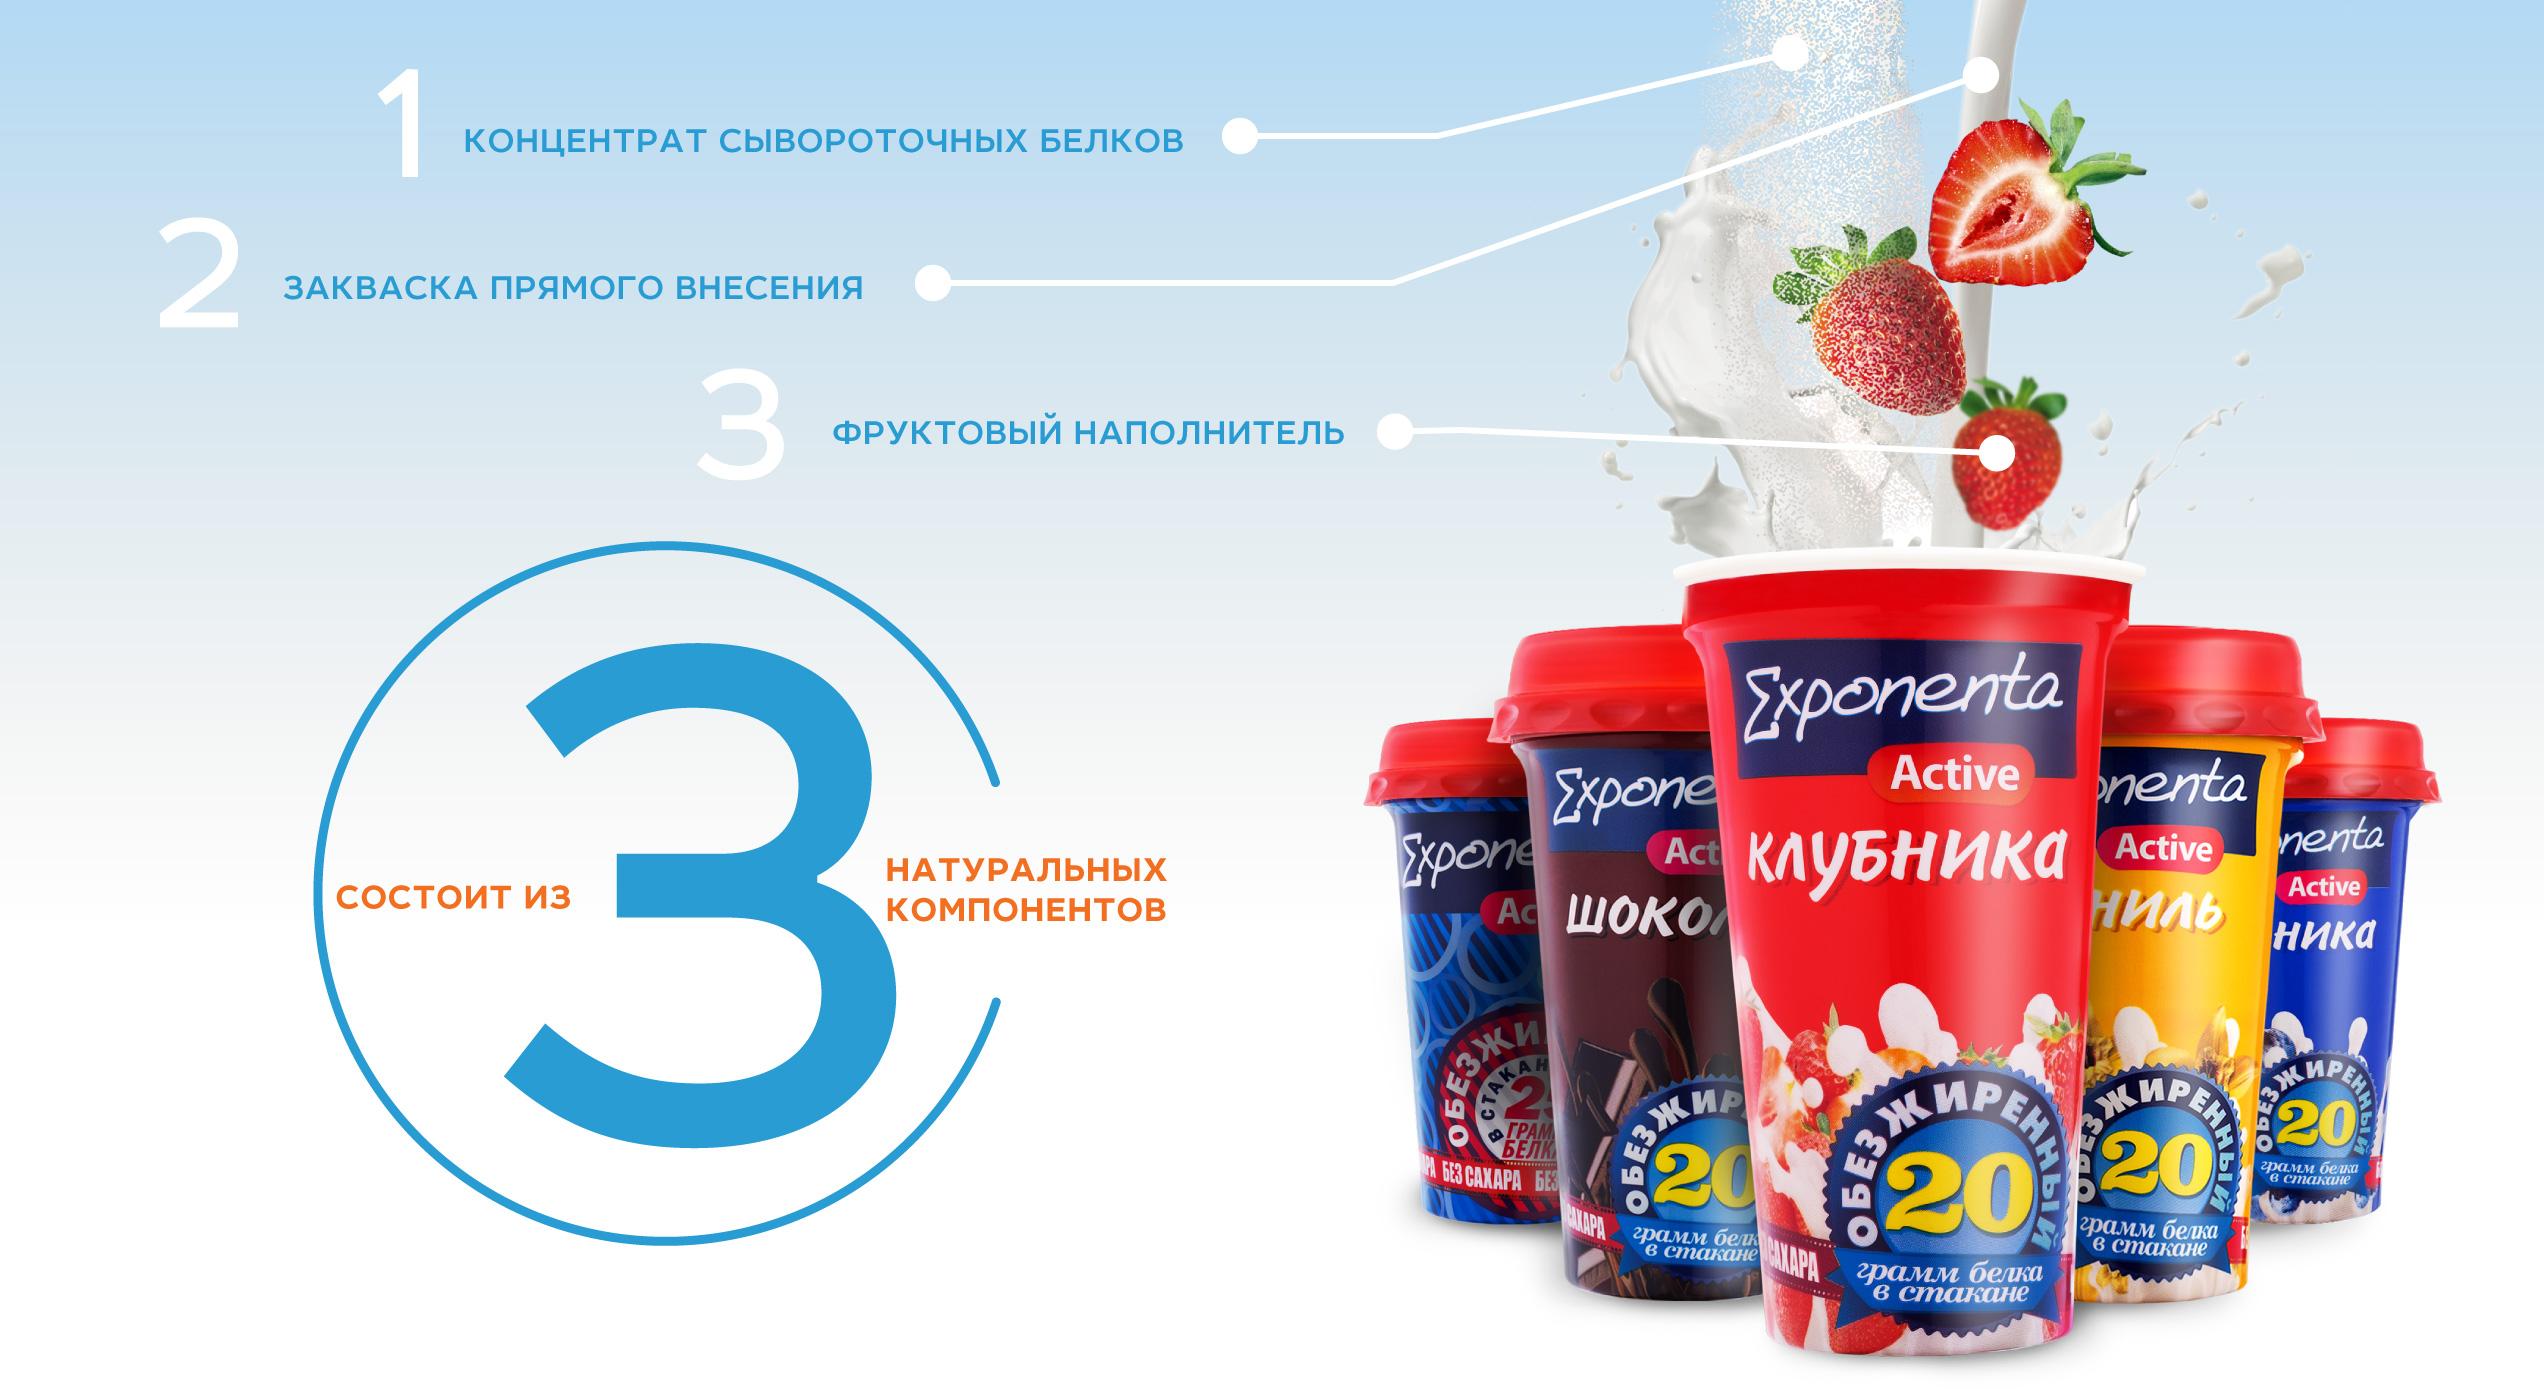 Exponenta состоит из3натуральных компонентов: концентрат сывороточных белков, закваска прямого внесения, фруктовый наполнитель (сайт Минской школы киноискусства)